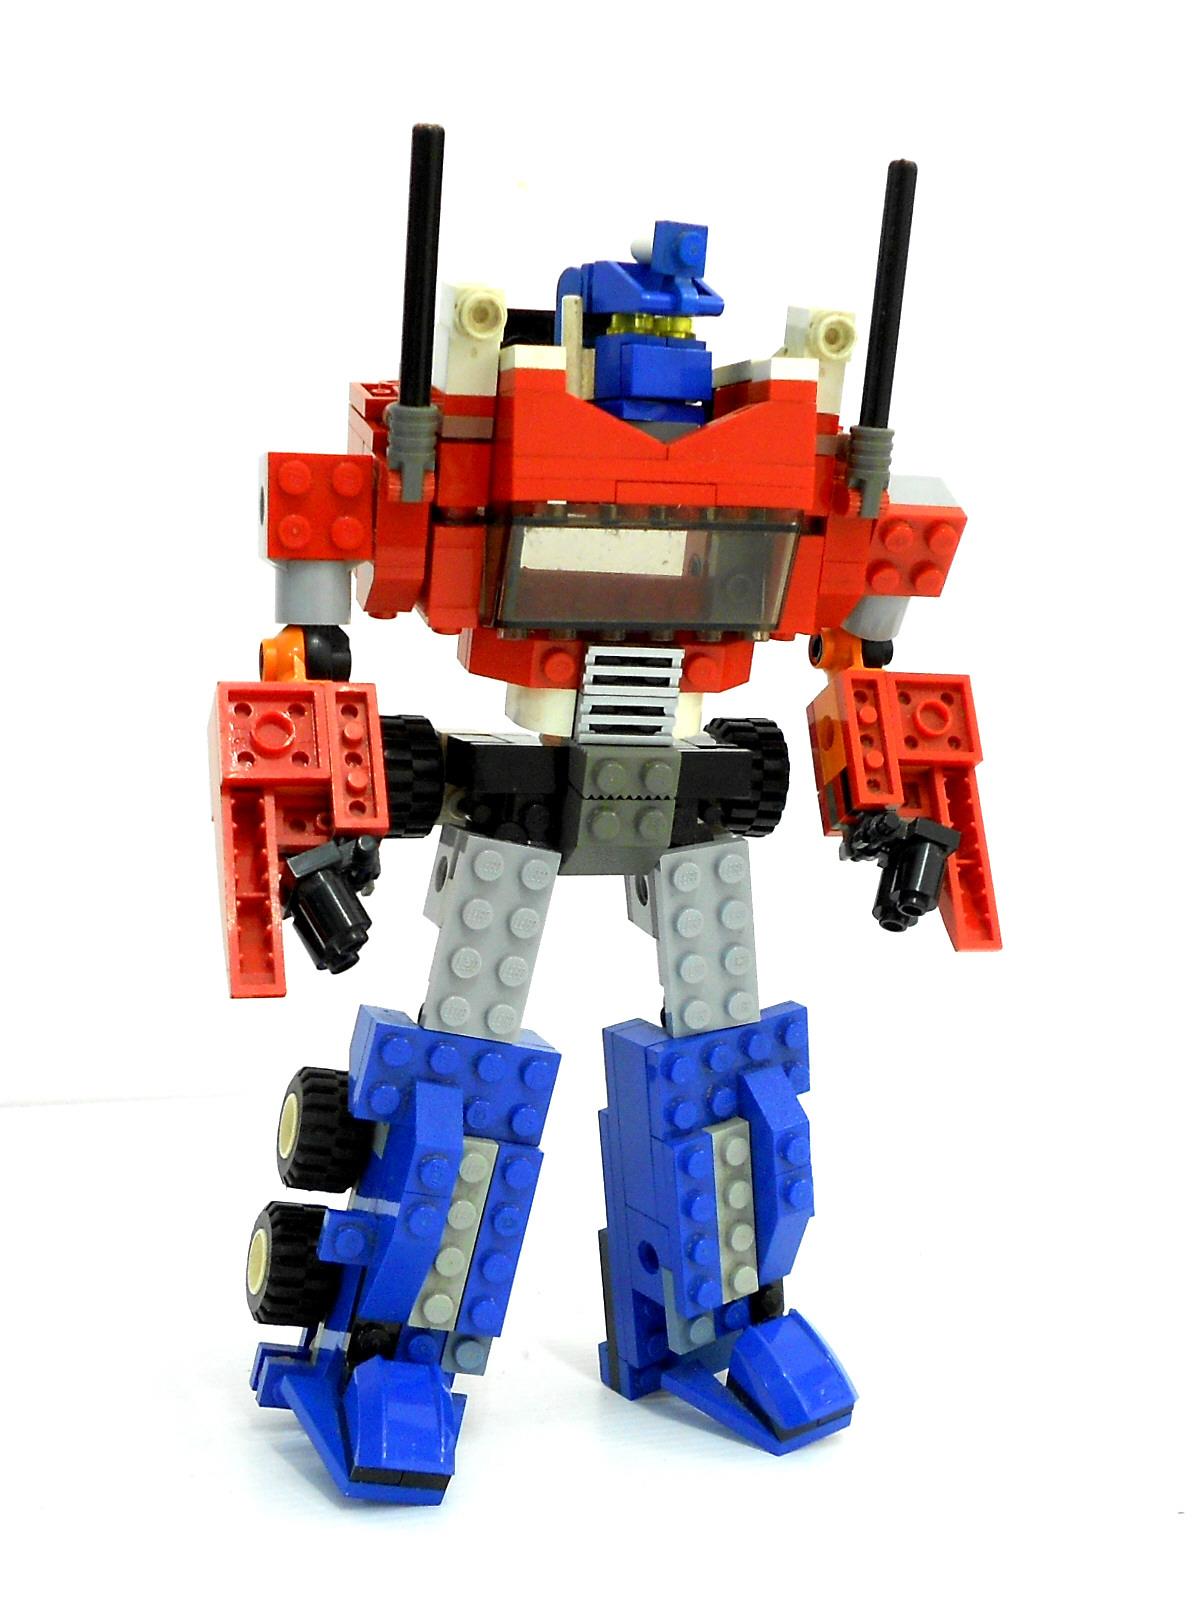 Гоночная машина - автобот » Робот из lego nxt 2.0 63